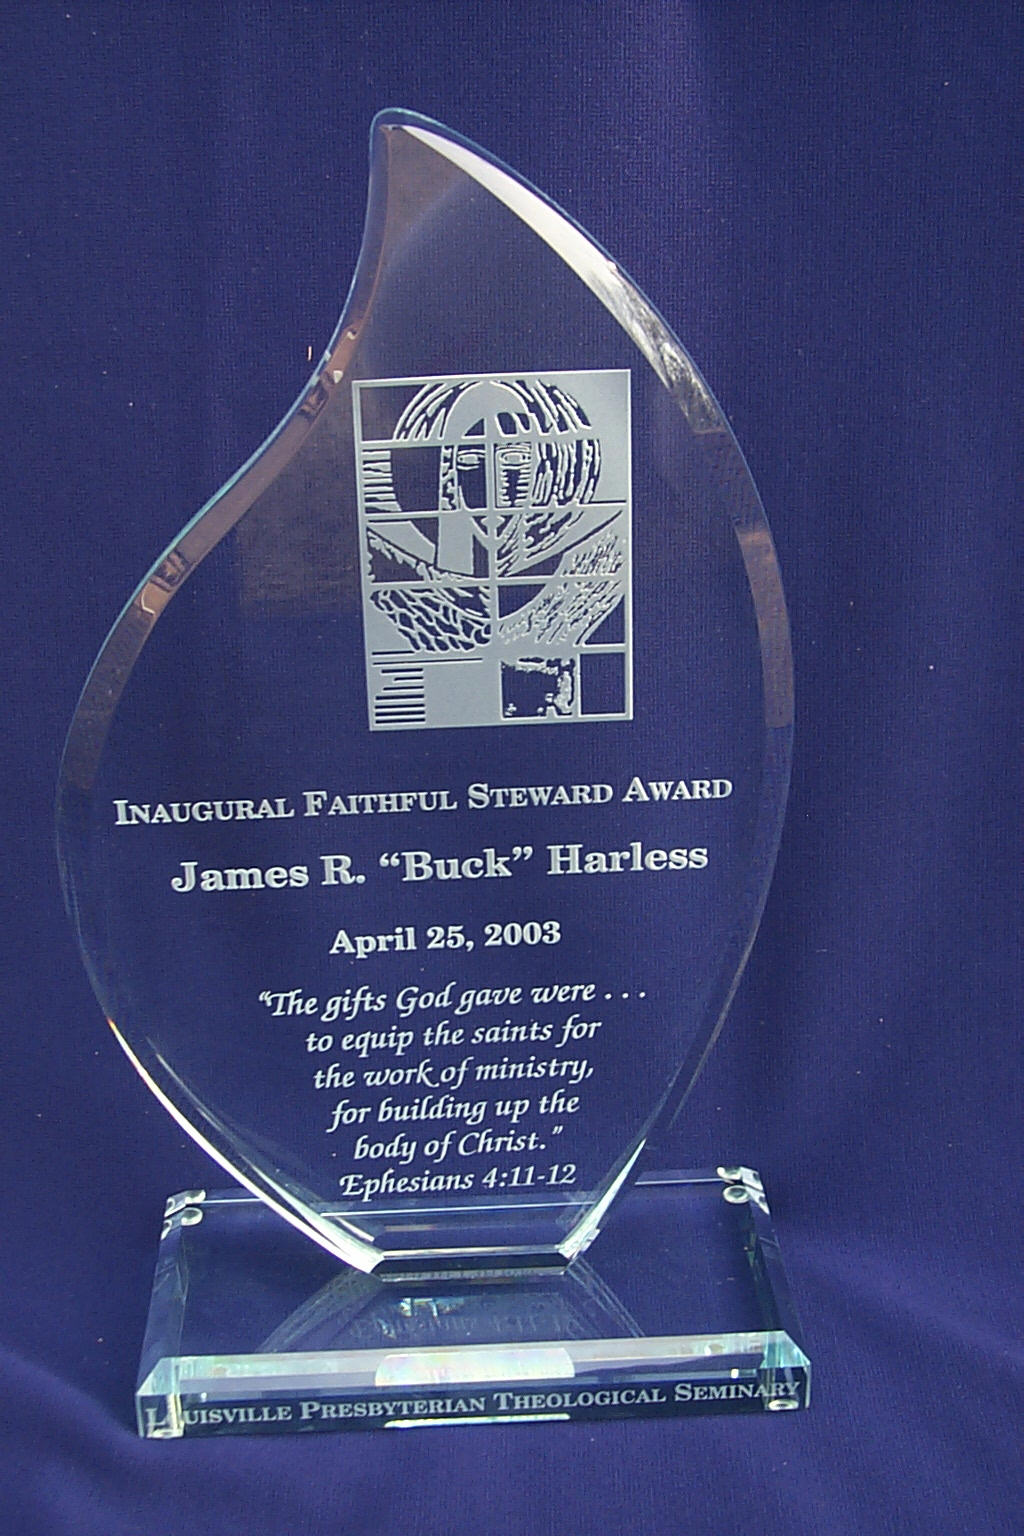 The Faithful Steward Award